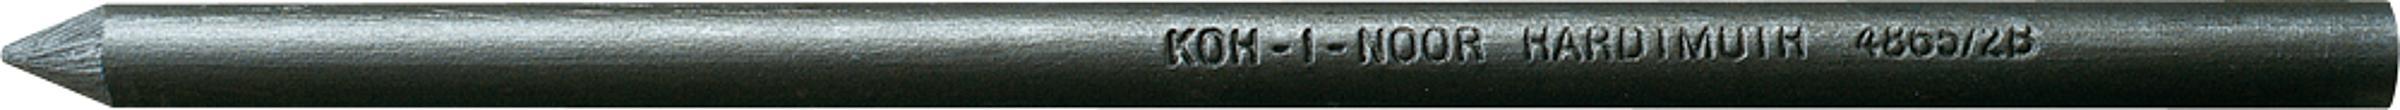 120mm L/änge Minenst/ärke 2mm H/ärtegrad B KOH-I-NOOR Graphitminen Duo f/ür Minenbleistift